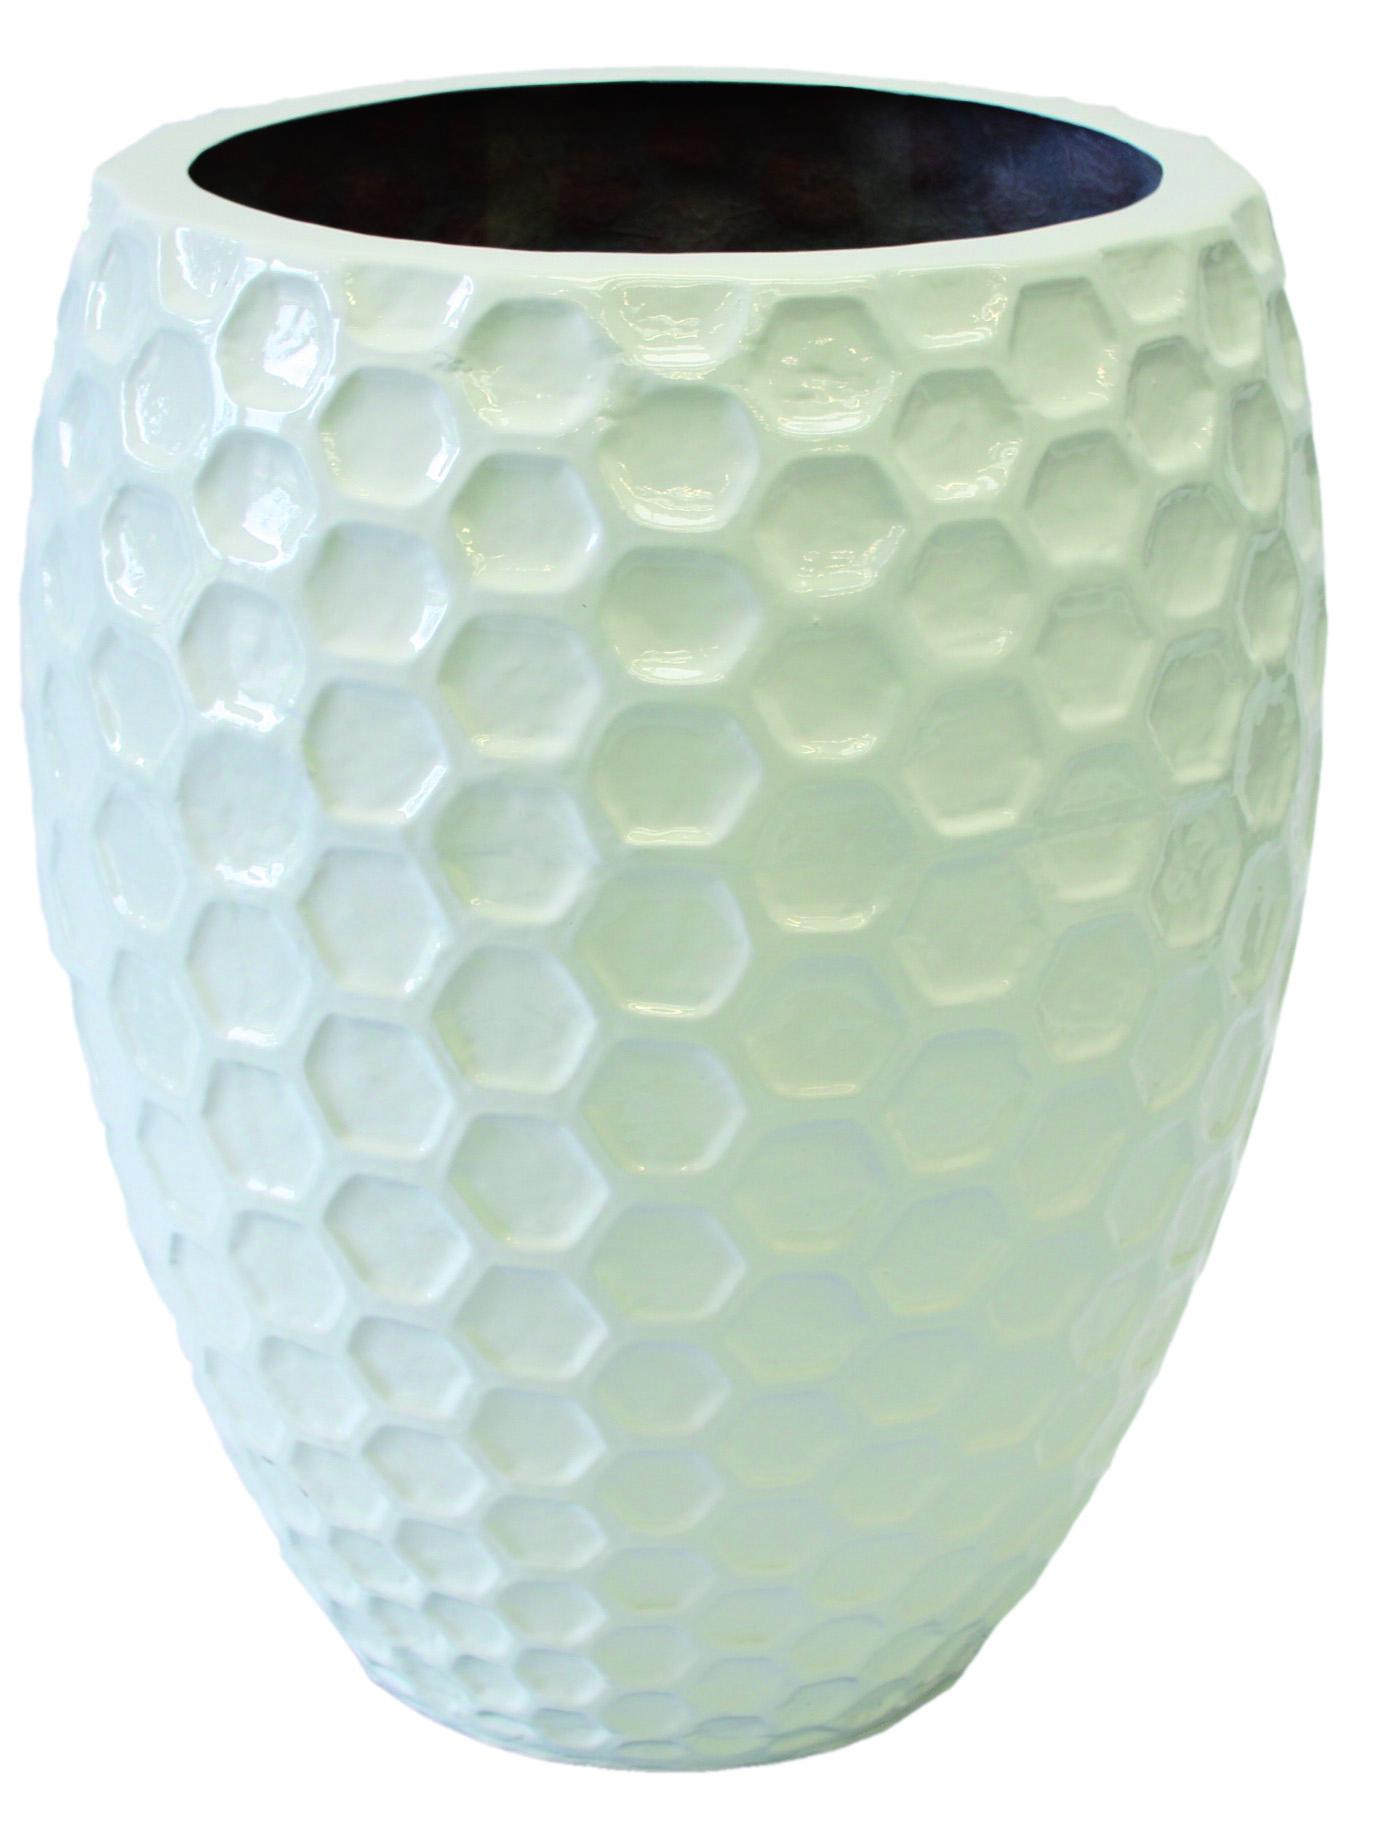 Ceramic Style - Hex